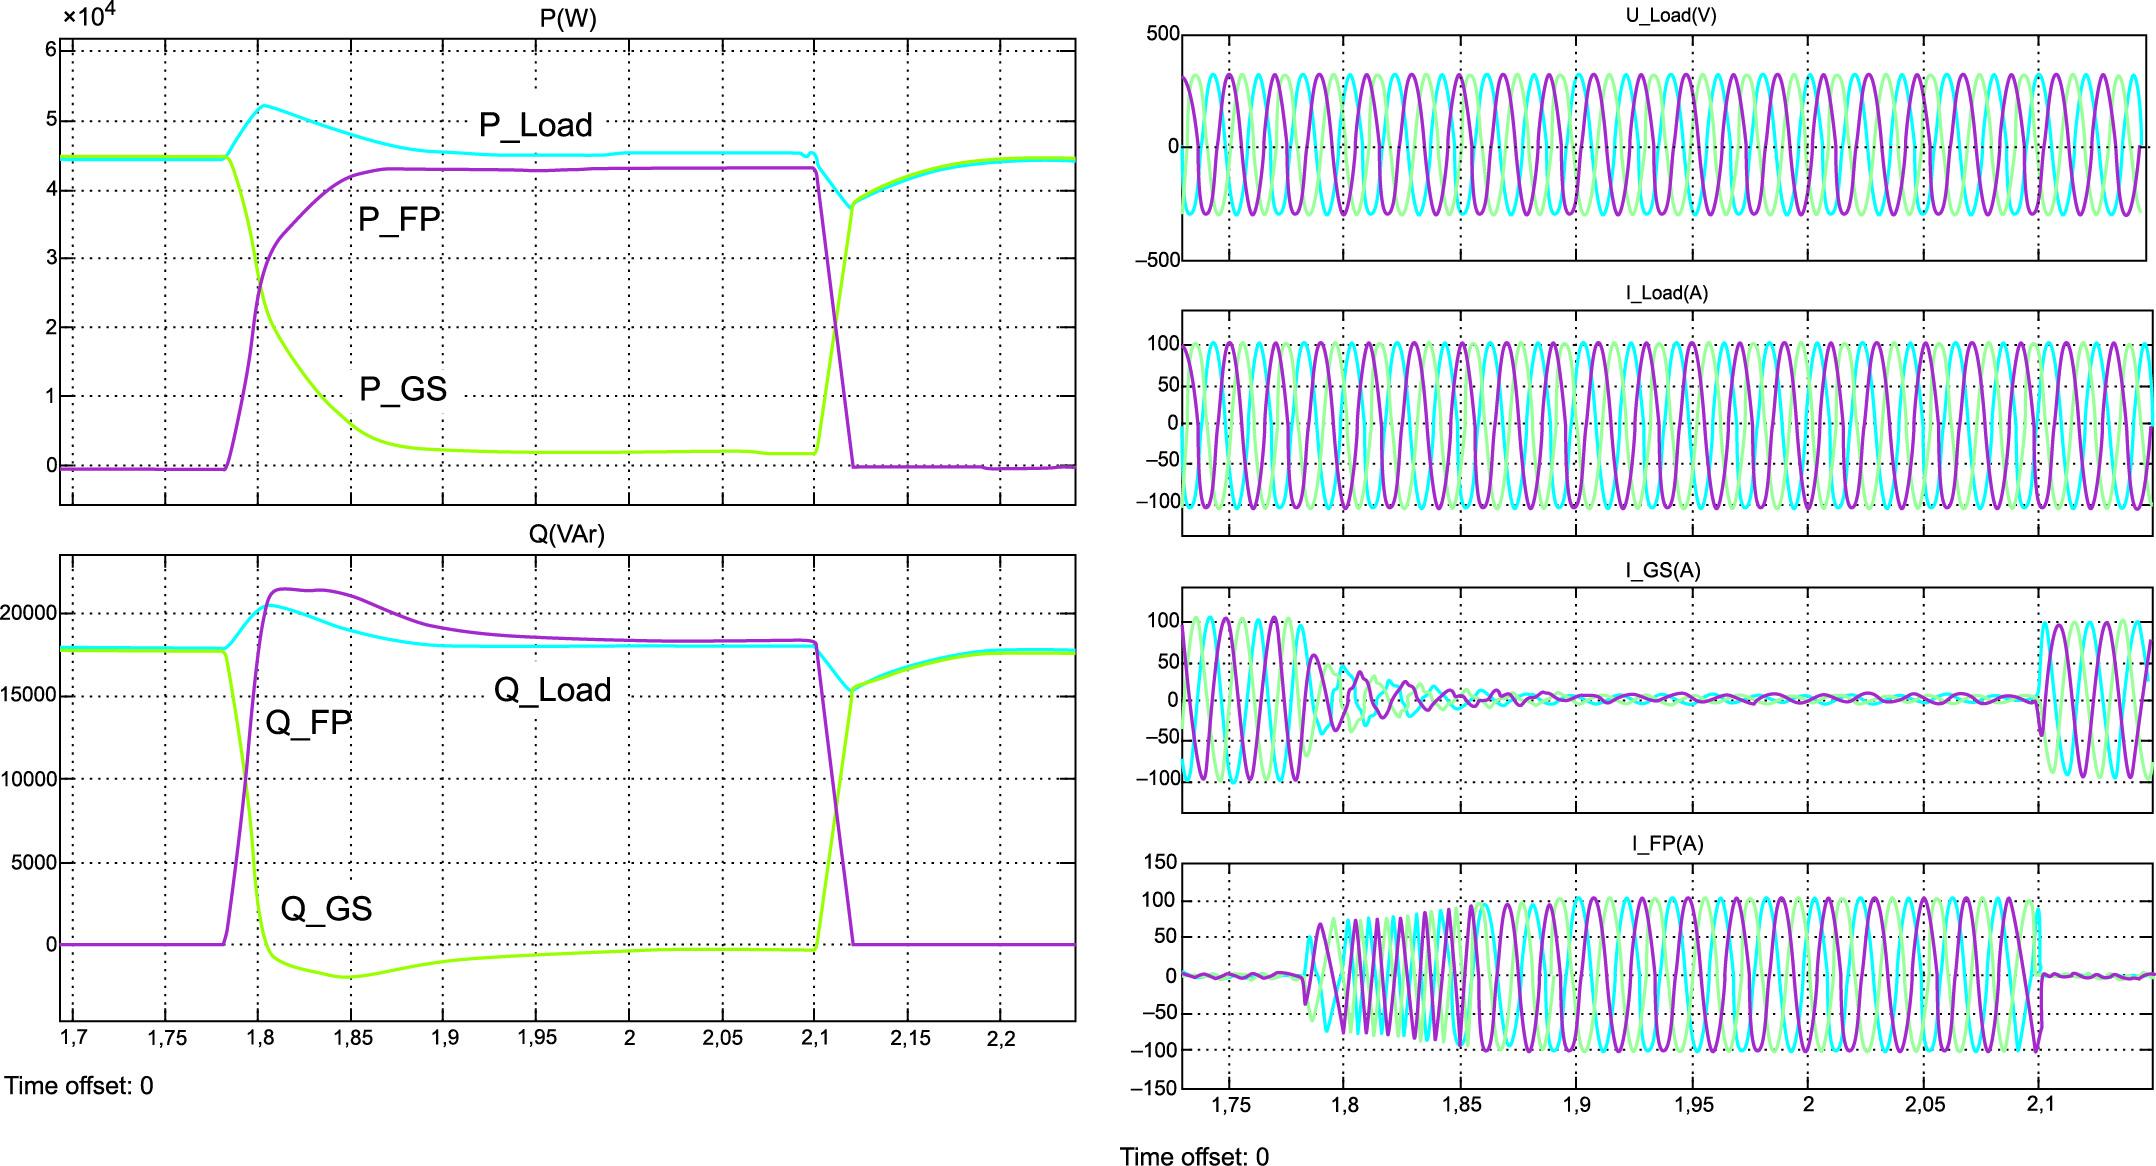 Энергетические и электромагнитные процессы в системе при переключении полной нагрузки между генераторами